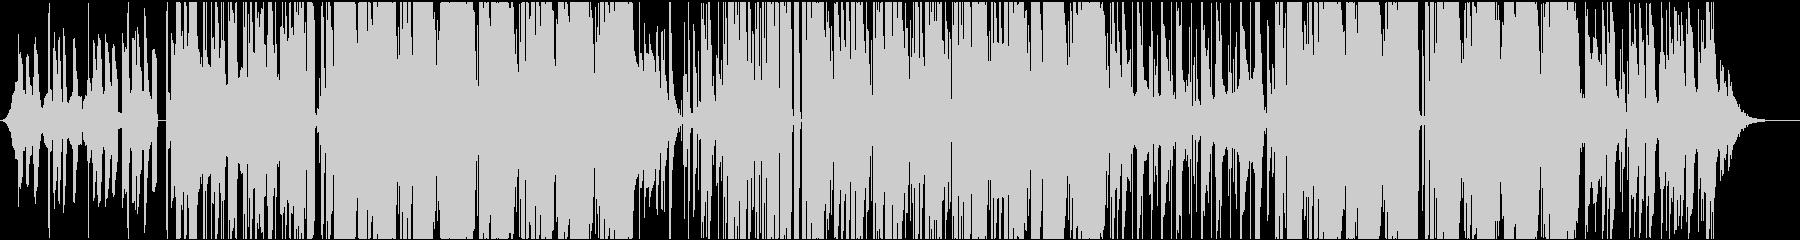 ティーン ポップ テクノ ロック ...の未再生の波形